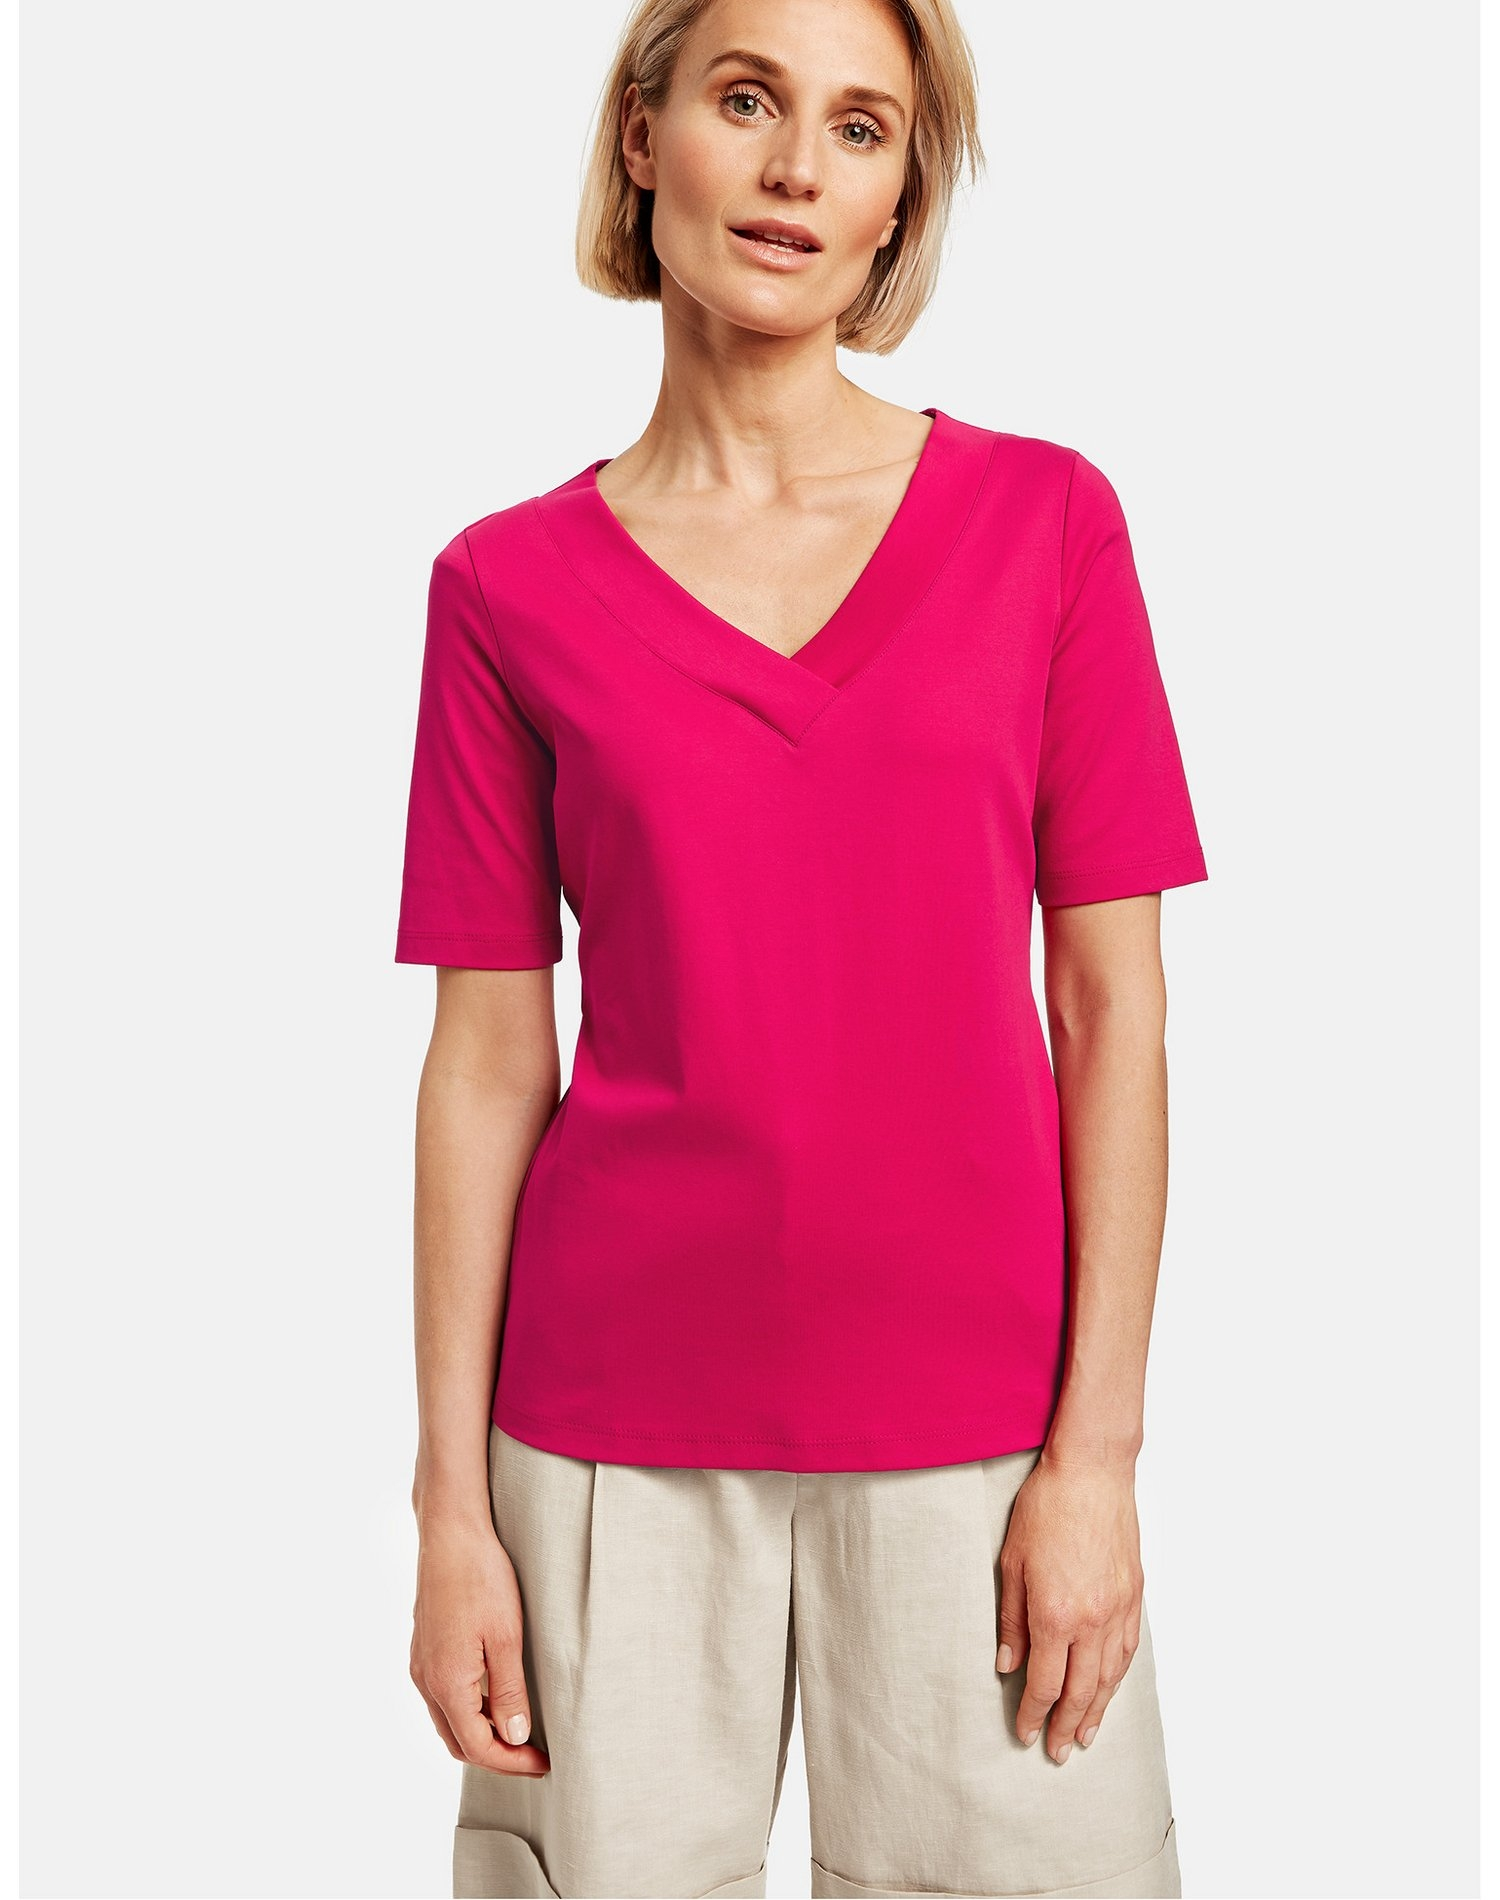 Gerry Weber T-shirt met korte mouwen bij OTTO online kopen